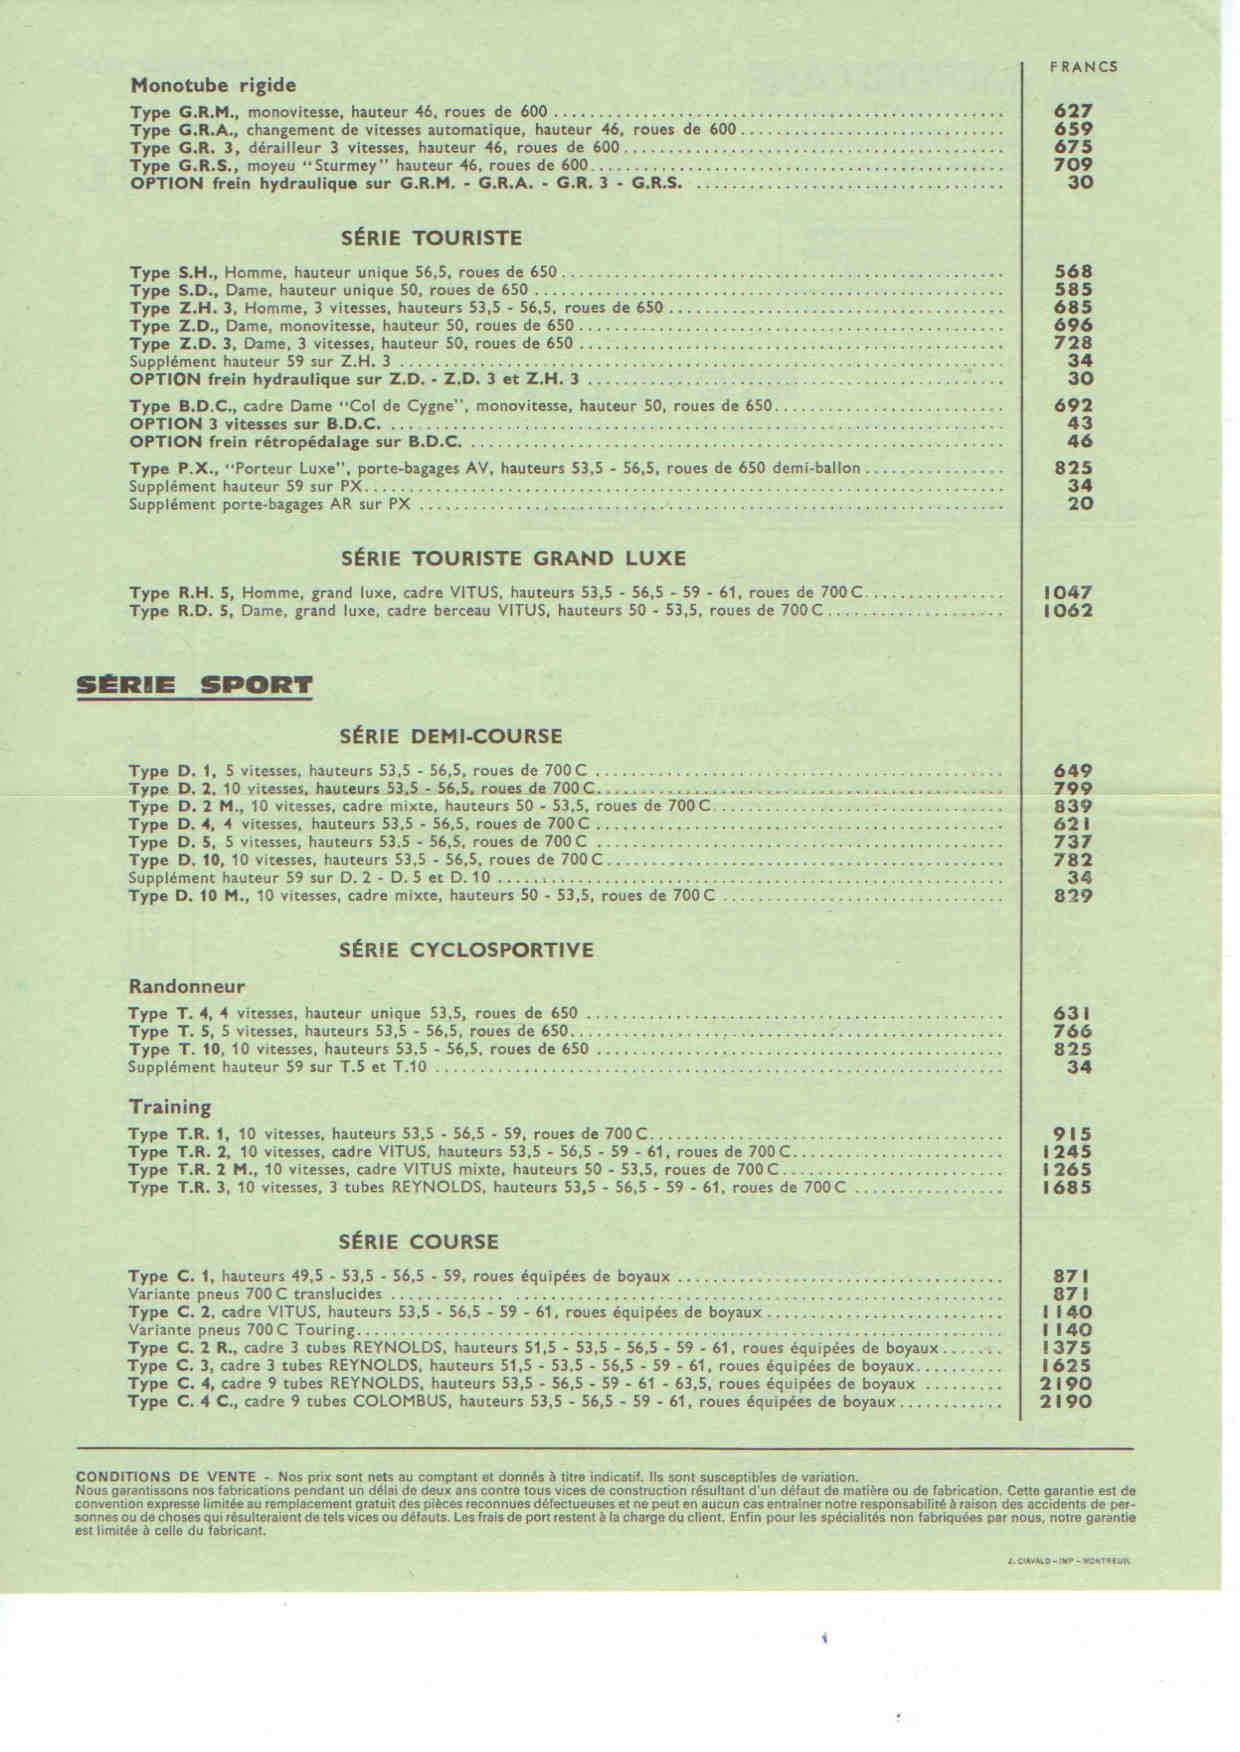 Motobecane C4 ~1980-82 File